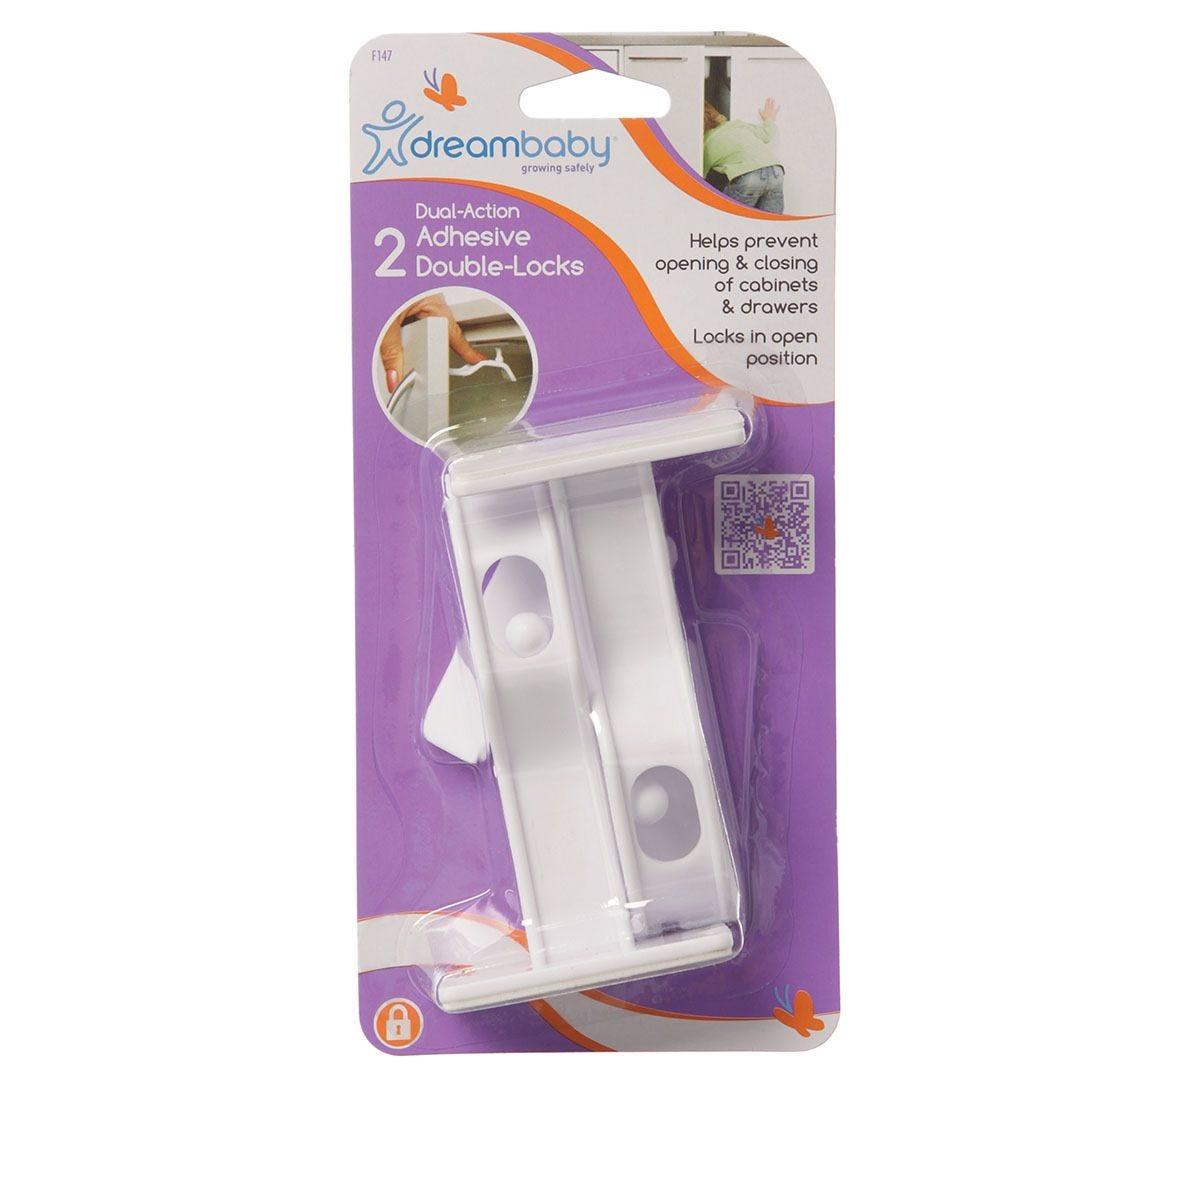 Dreambaby Adhesive Cupboard/Door Locks - Pack of 2